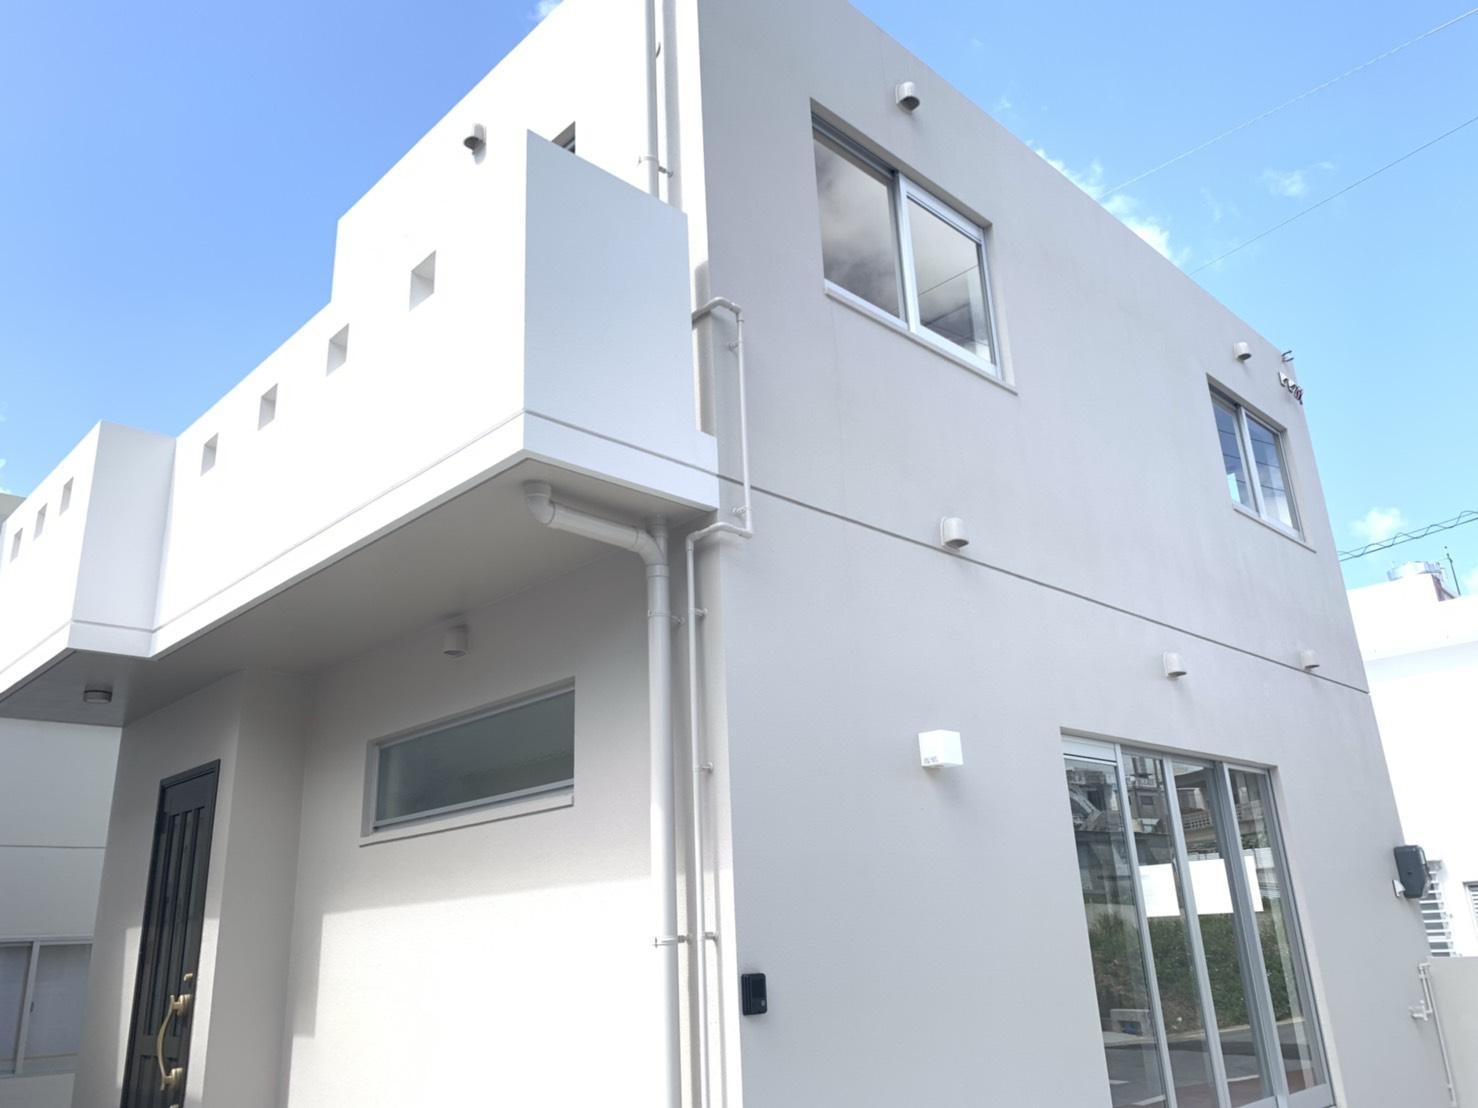 宜野湾市我如古にて大人気【規格住宅】オープンハウス&無料住宅相談会を開催!